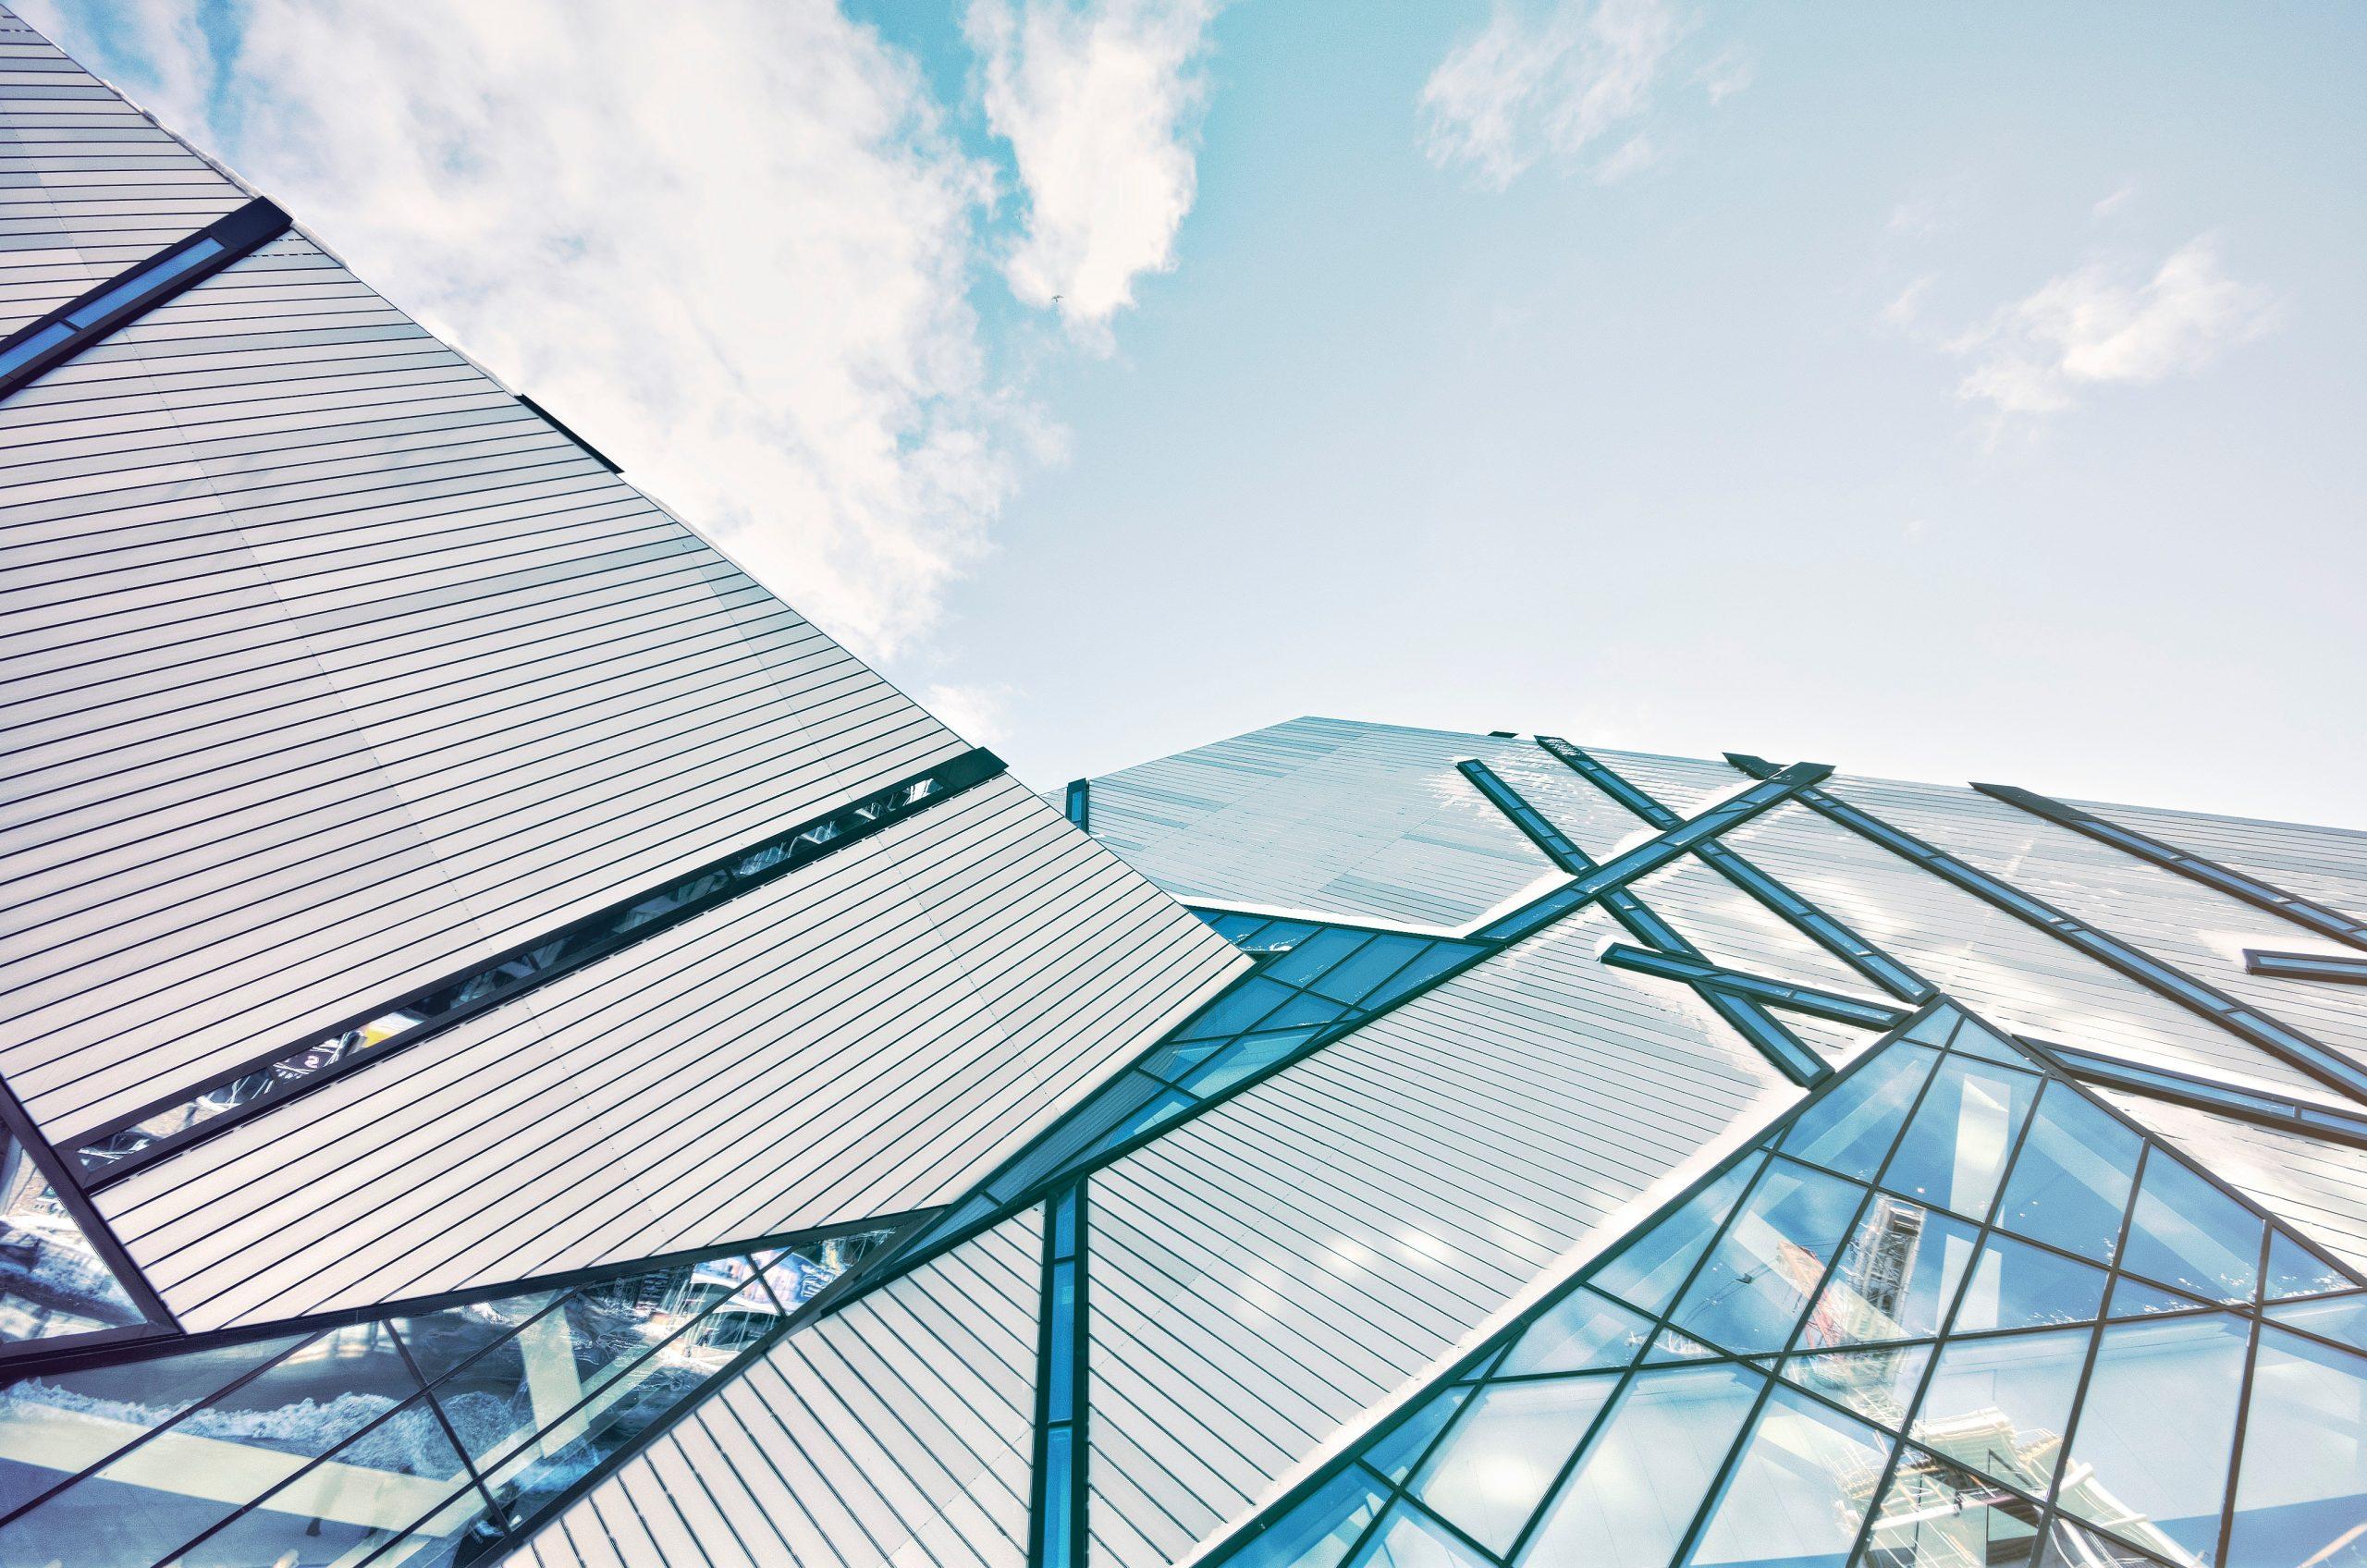 edificio de cristal Carpintería PVC